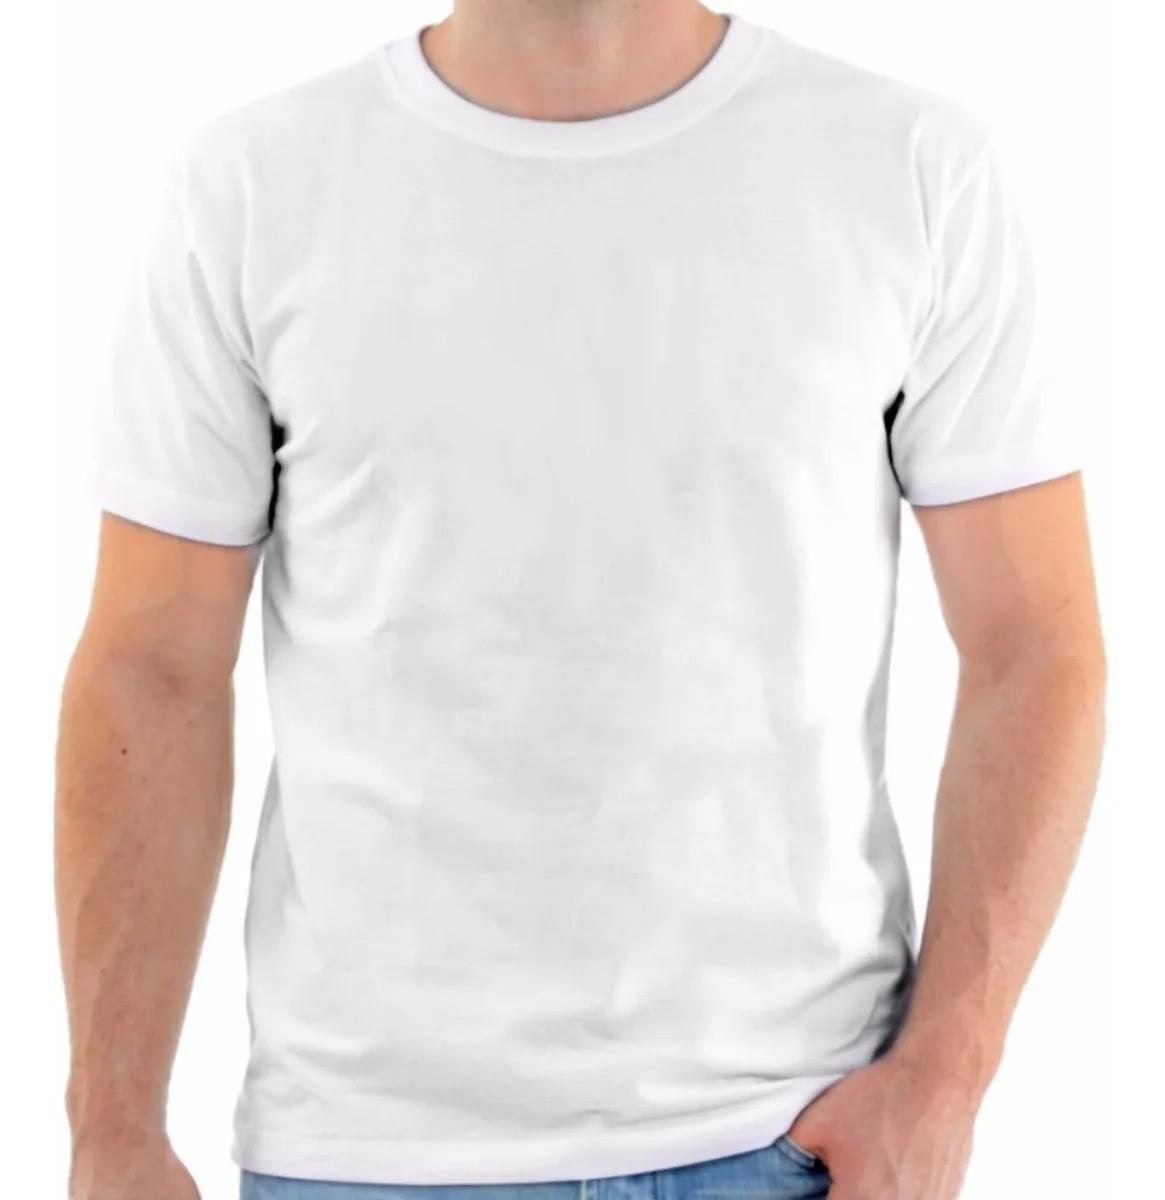 Kit Com 50 Camisetas Brancas Ideal para Sublimação 100% Poliéster